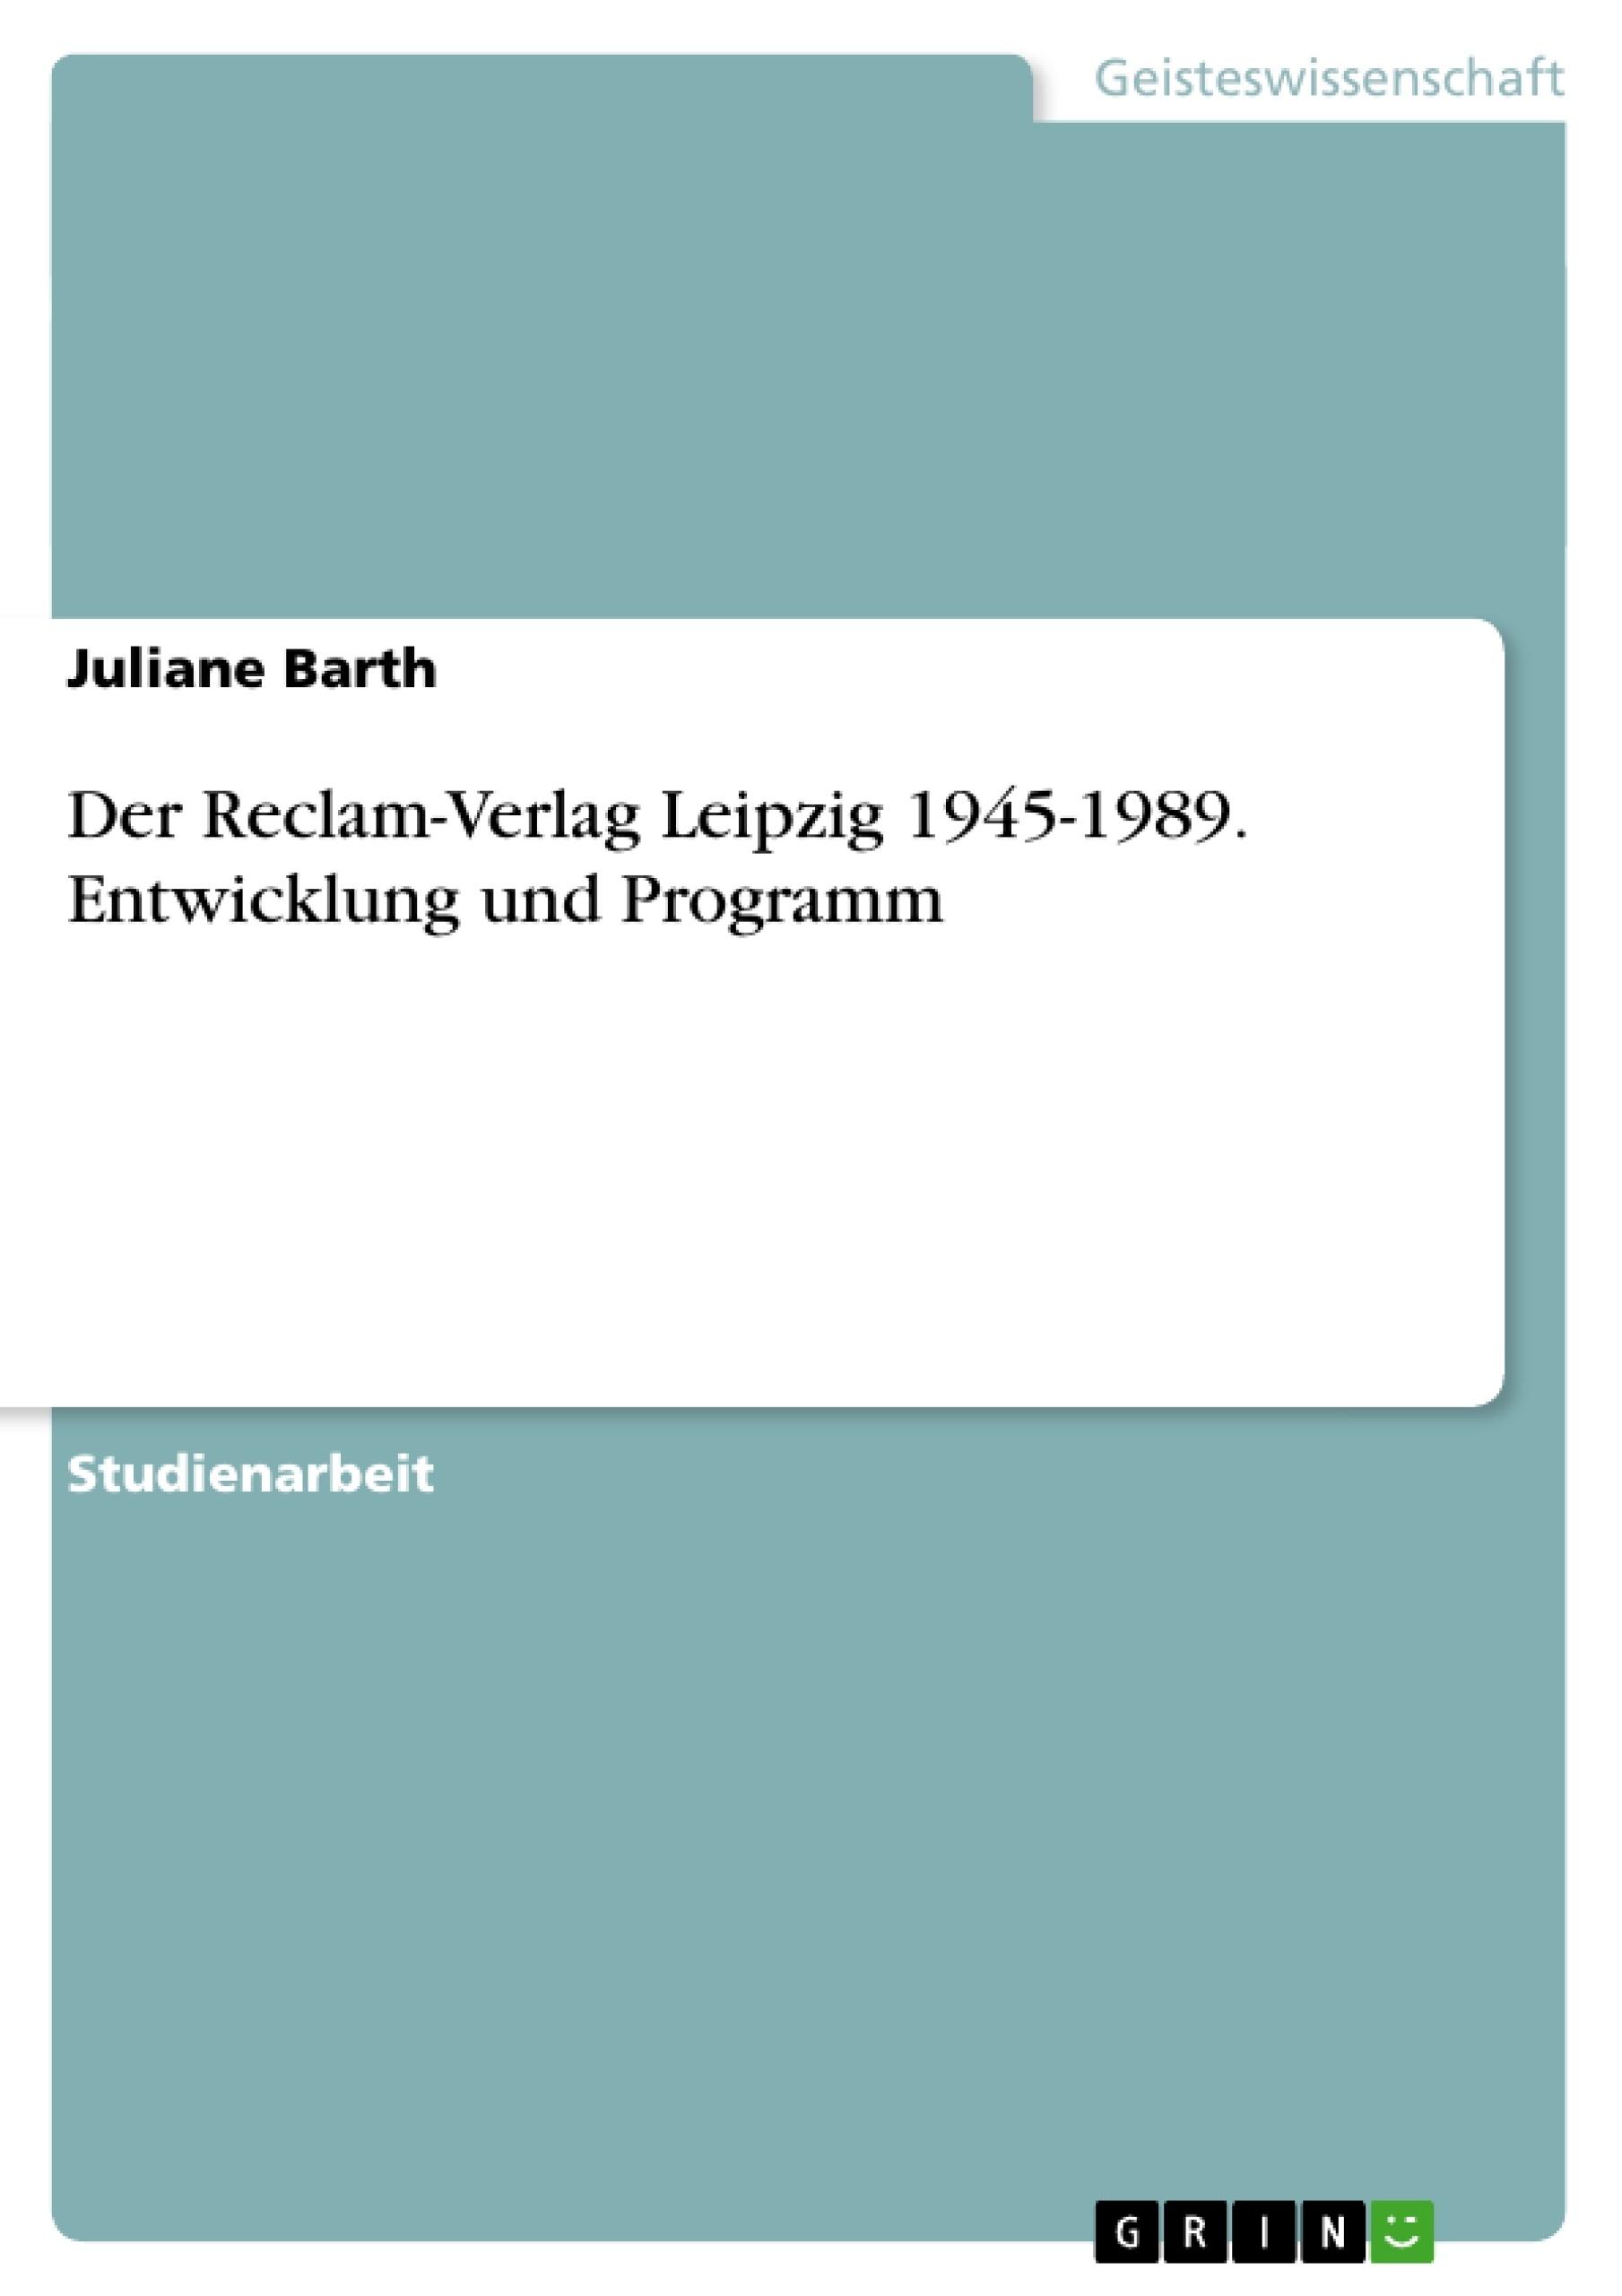 Titel: Der Reclam-Verlag Leipzig 1945-1989. Entwicklung und Programm